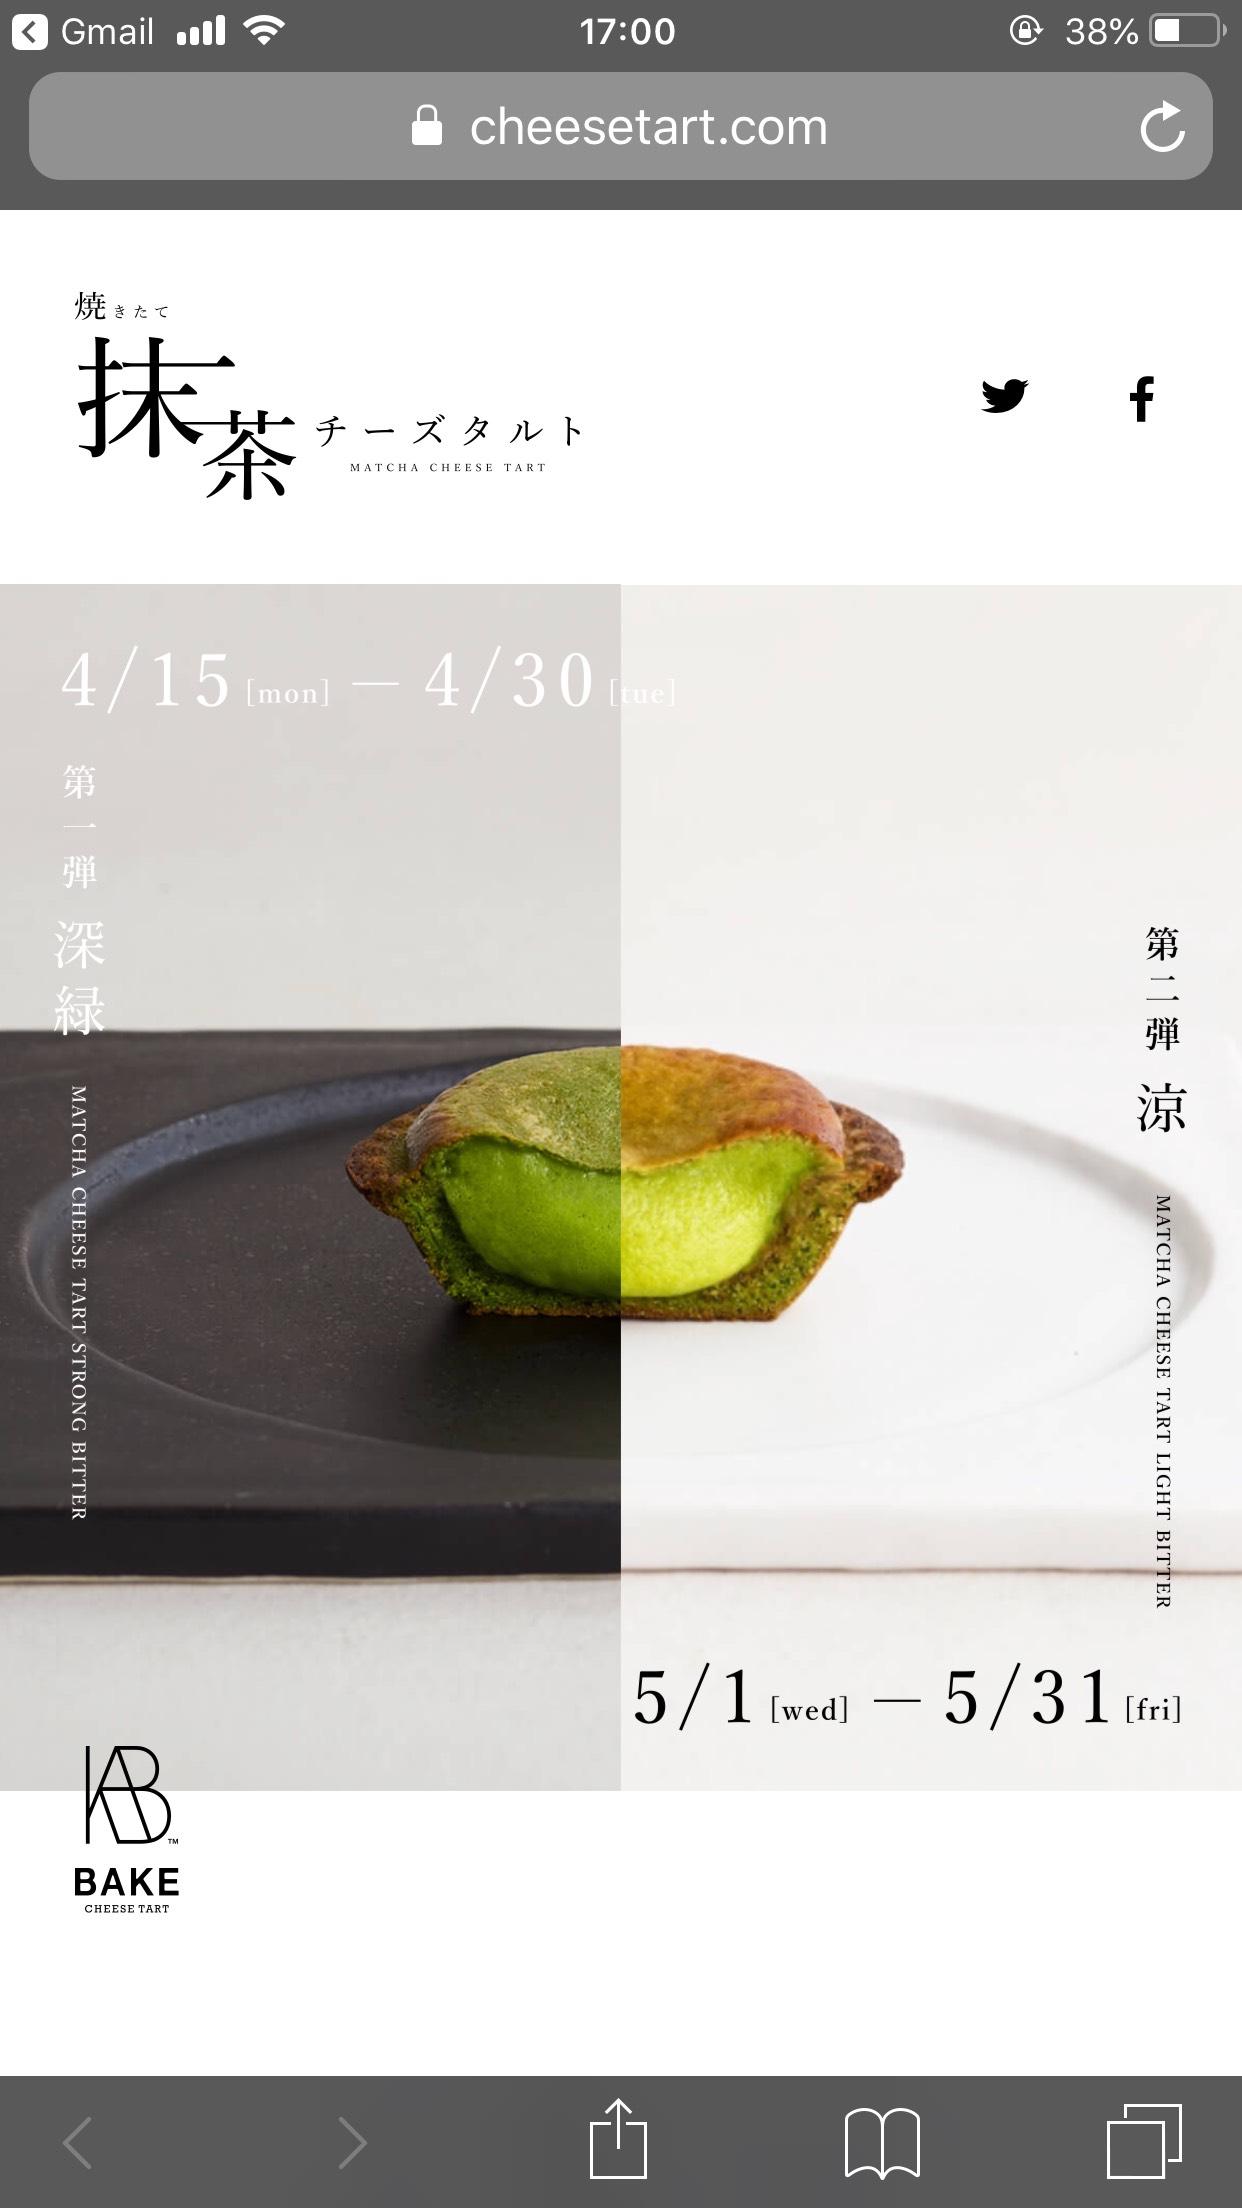 焼きたて抹茶チーズタルト『深緑』『涼』 | ベイク チーズタルト | BAKE CHEESE TART